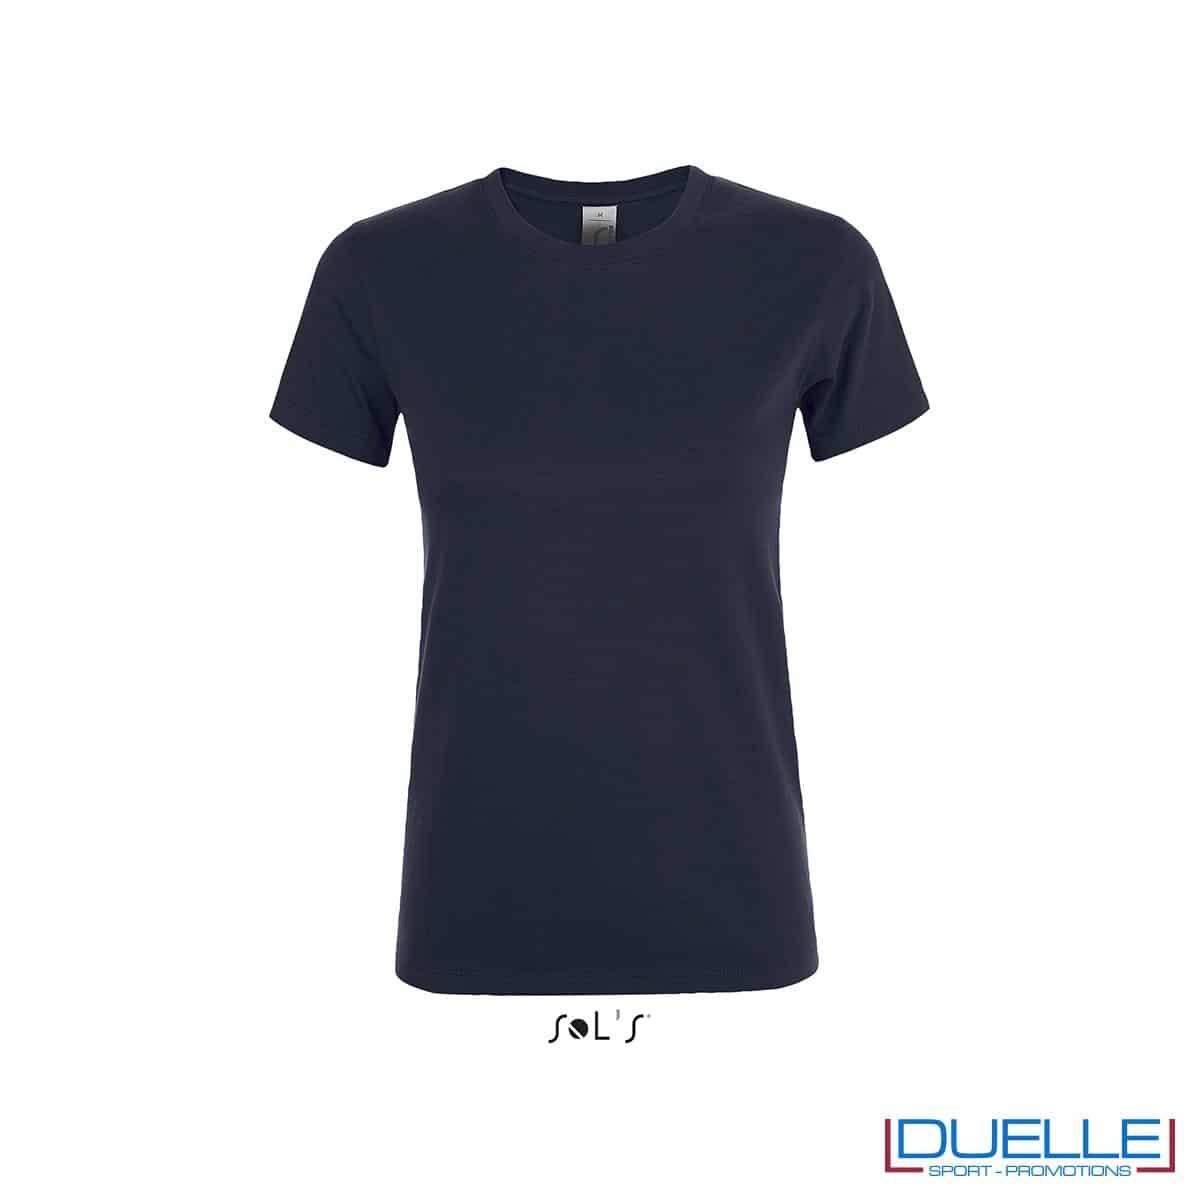 Magliette donna personalizzate colore blu navy